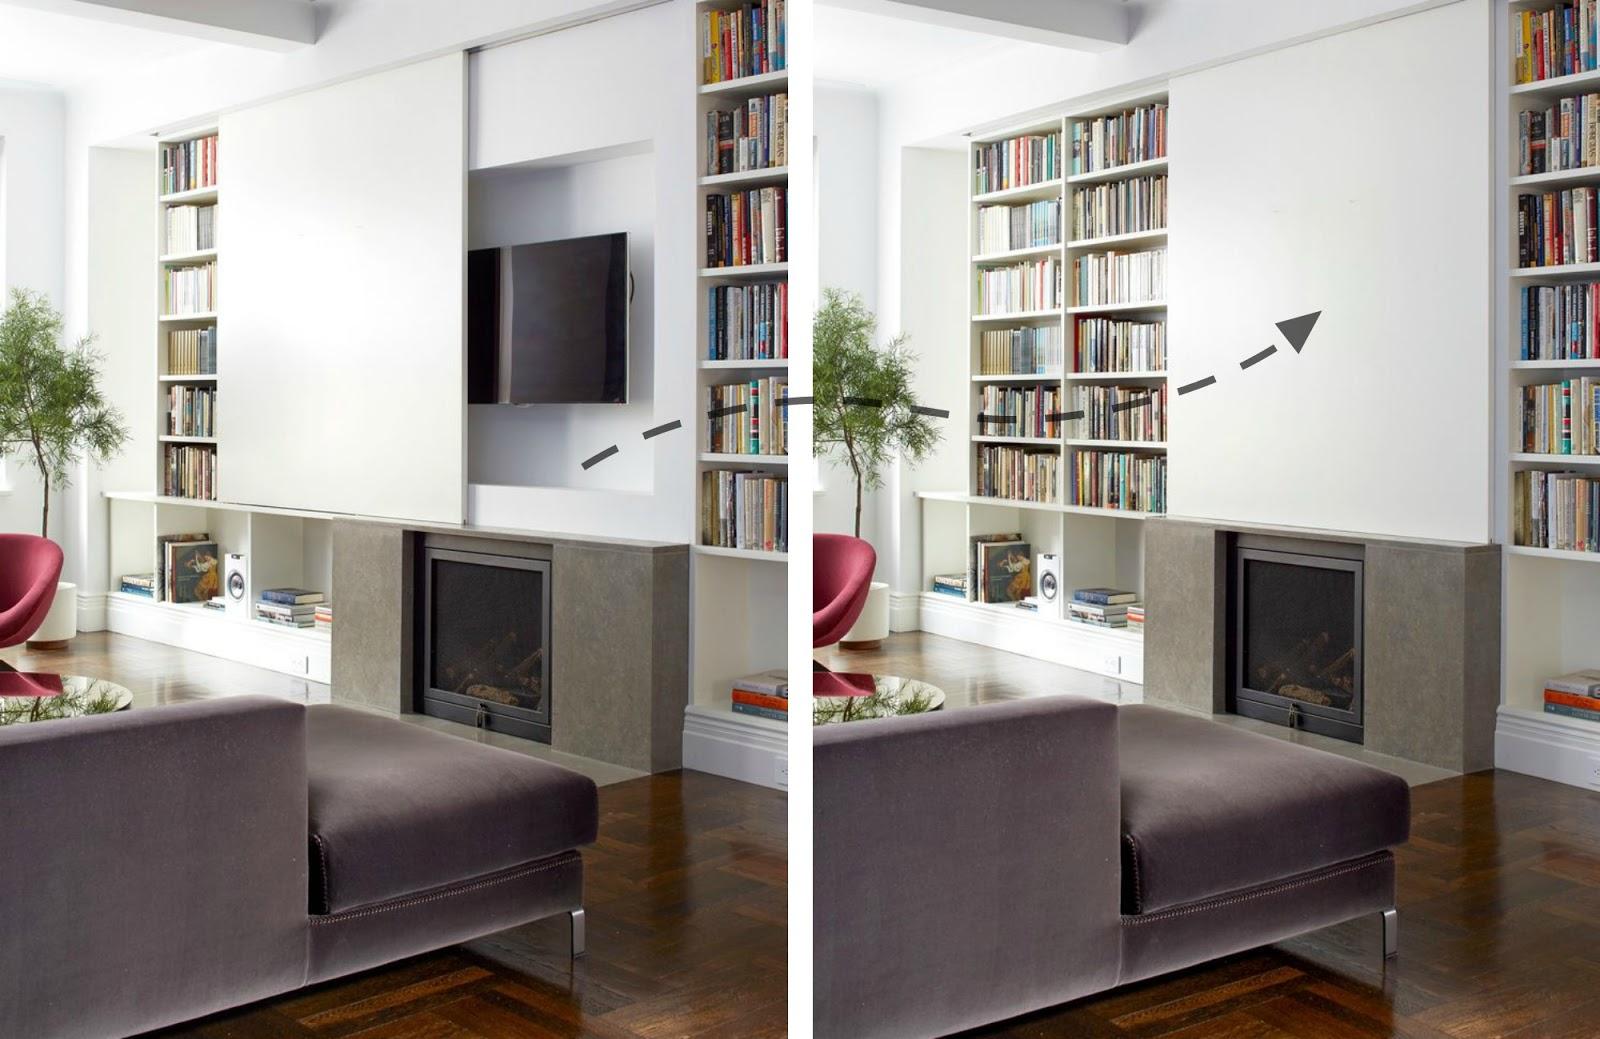 Illuminazione Corridoio Lungo E Stretto : Illuminazione corridoio lungo e stretto una casa con soffitti che